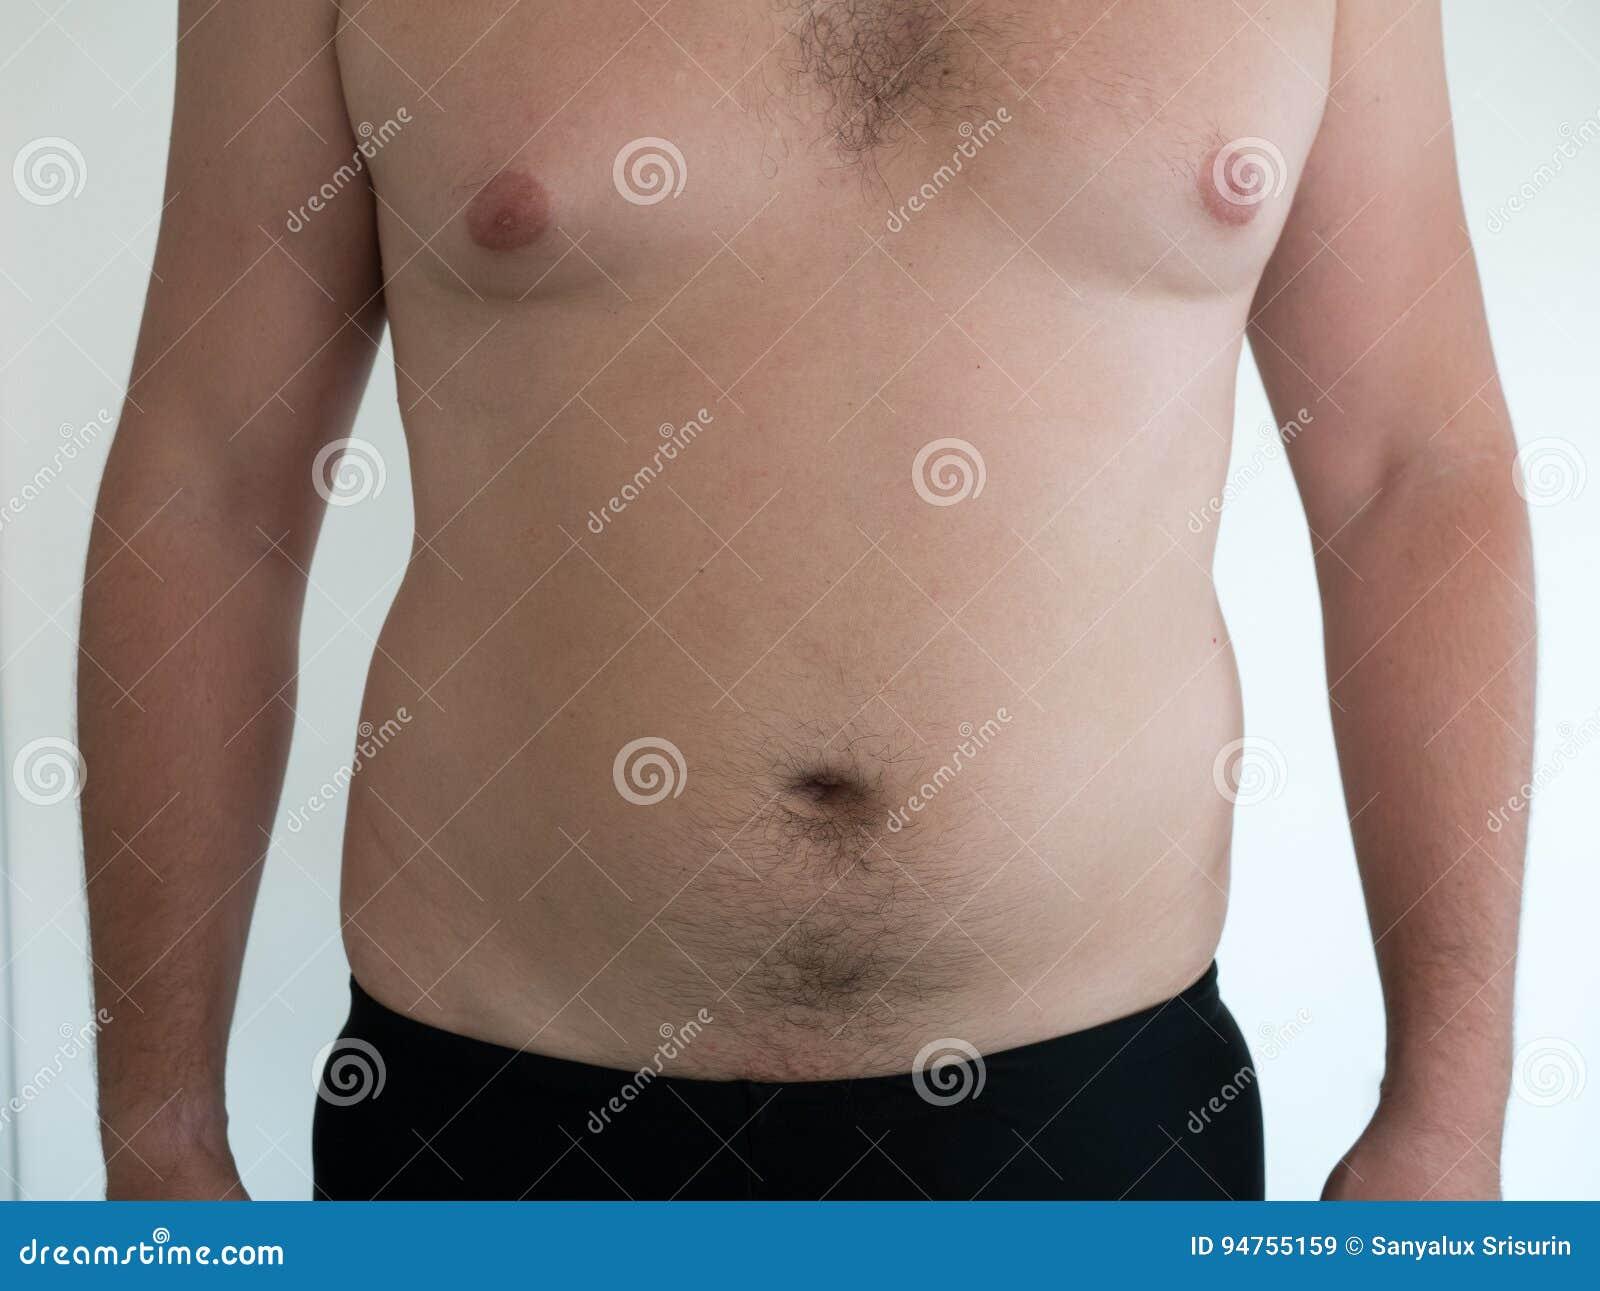 Bauch mann mit Bauch weg